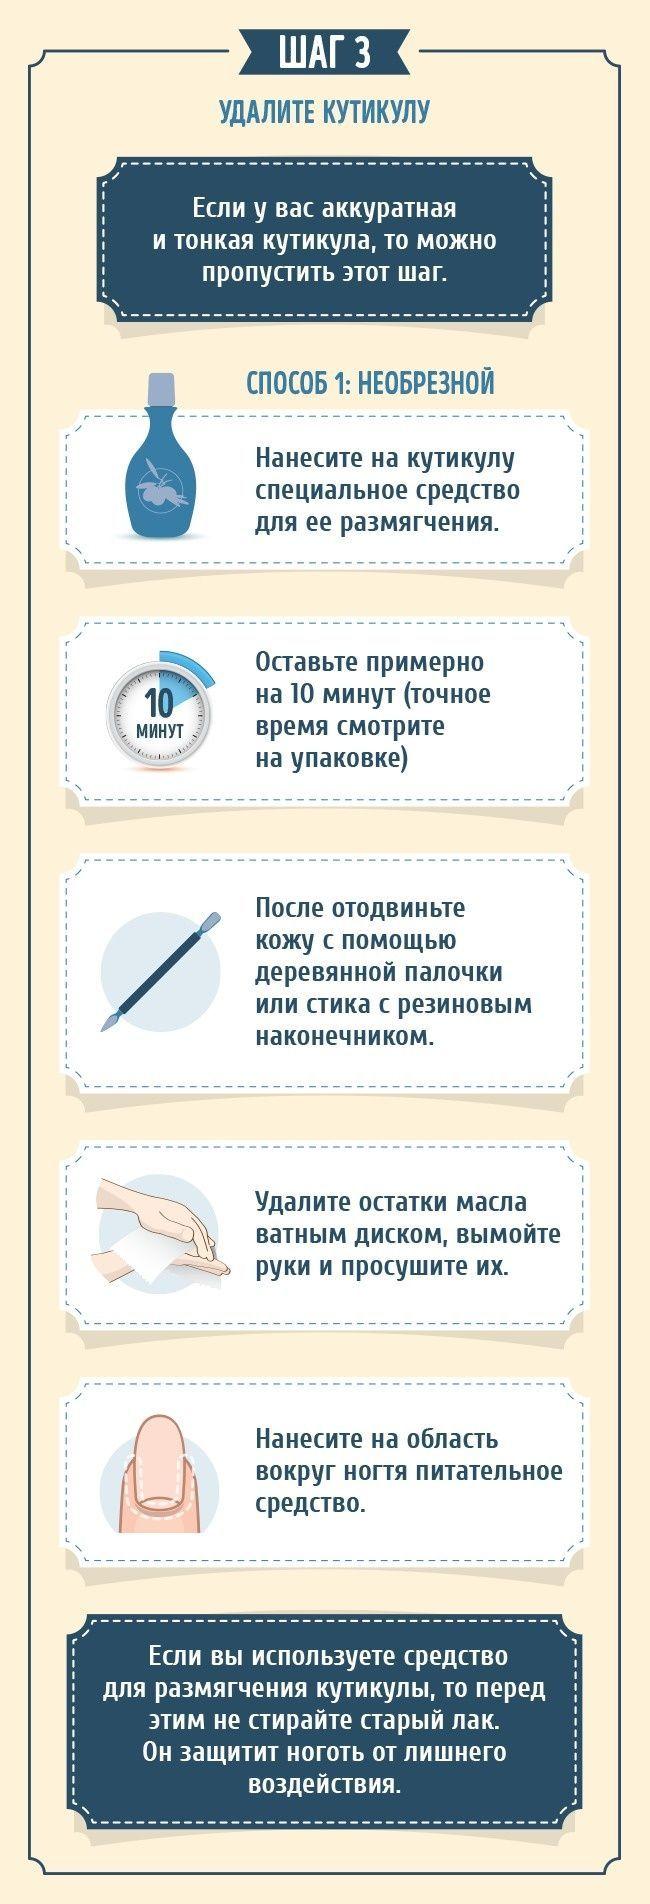 Мы приготовили для вас целое руководство по уходу за ногтями и для придания красоты их внешнему виду. С этими рекомендациями вы сможете сами сделать качественный маникюр в домашних условиях.